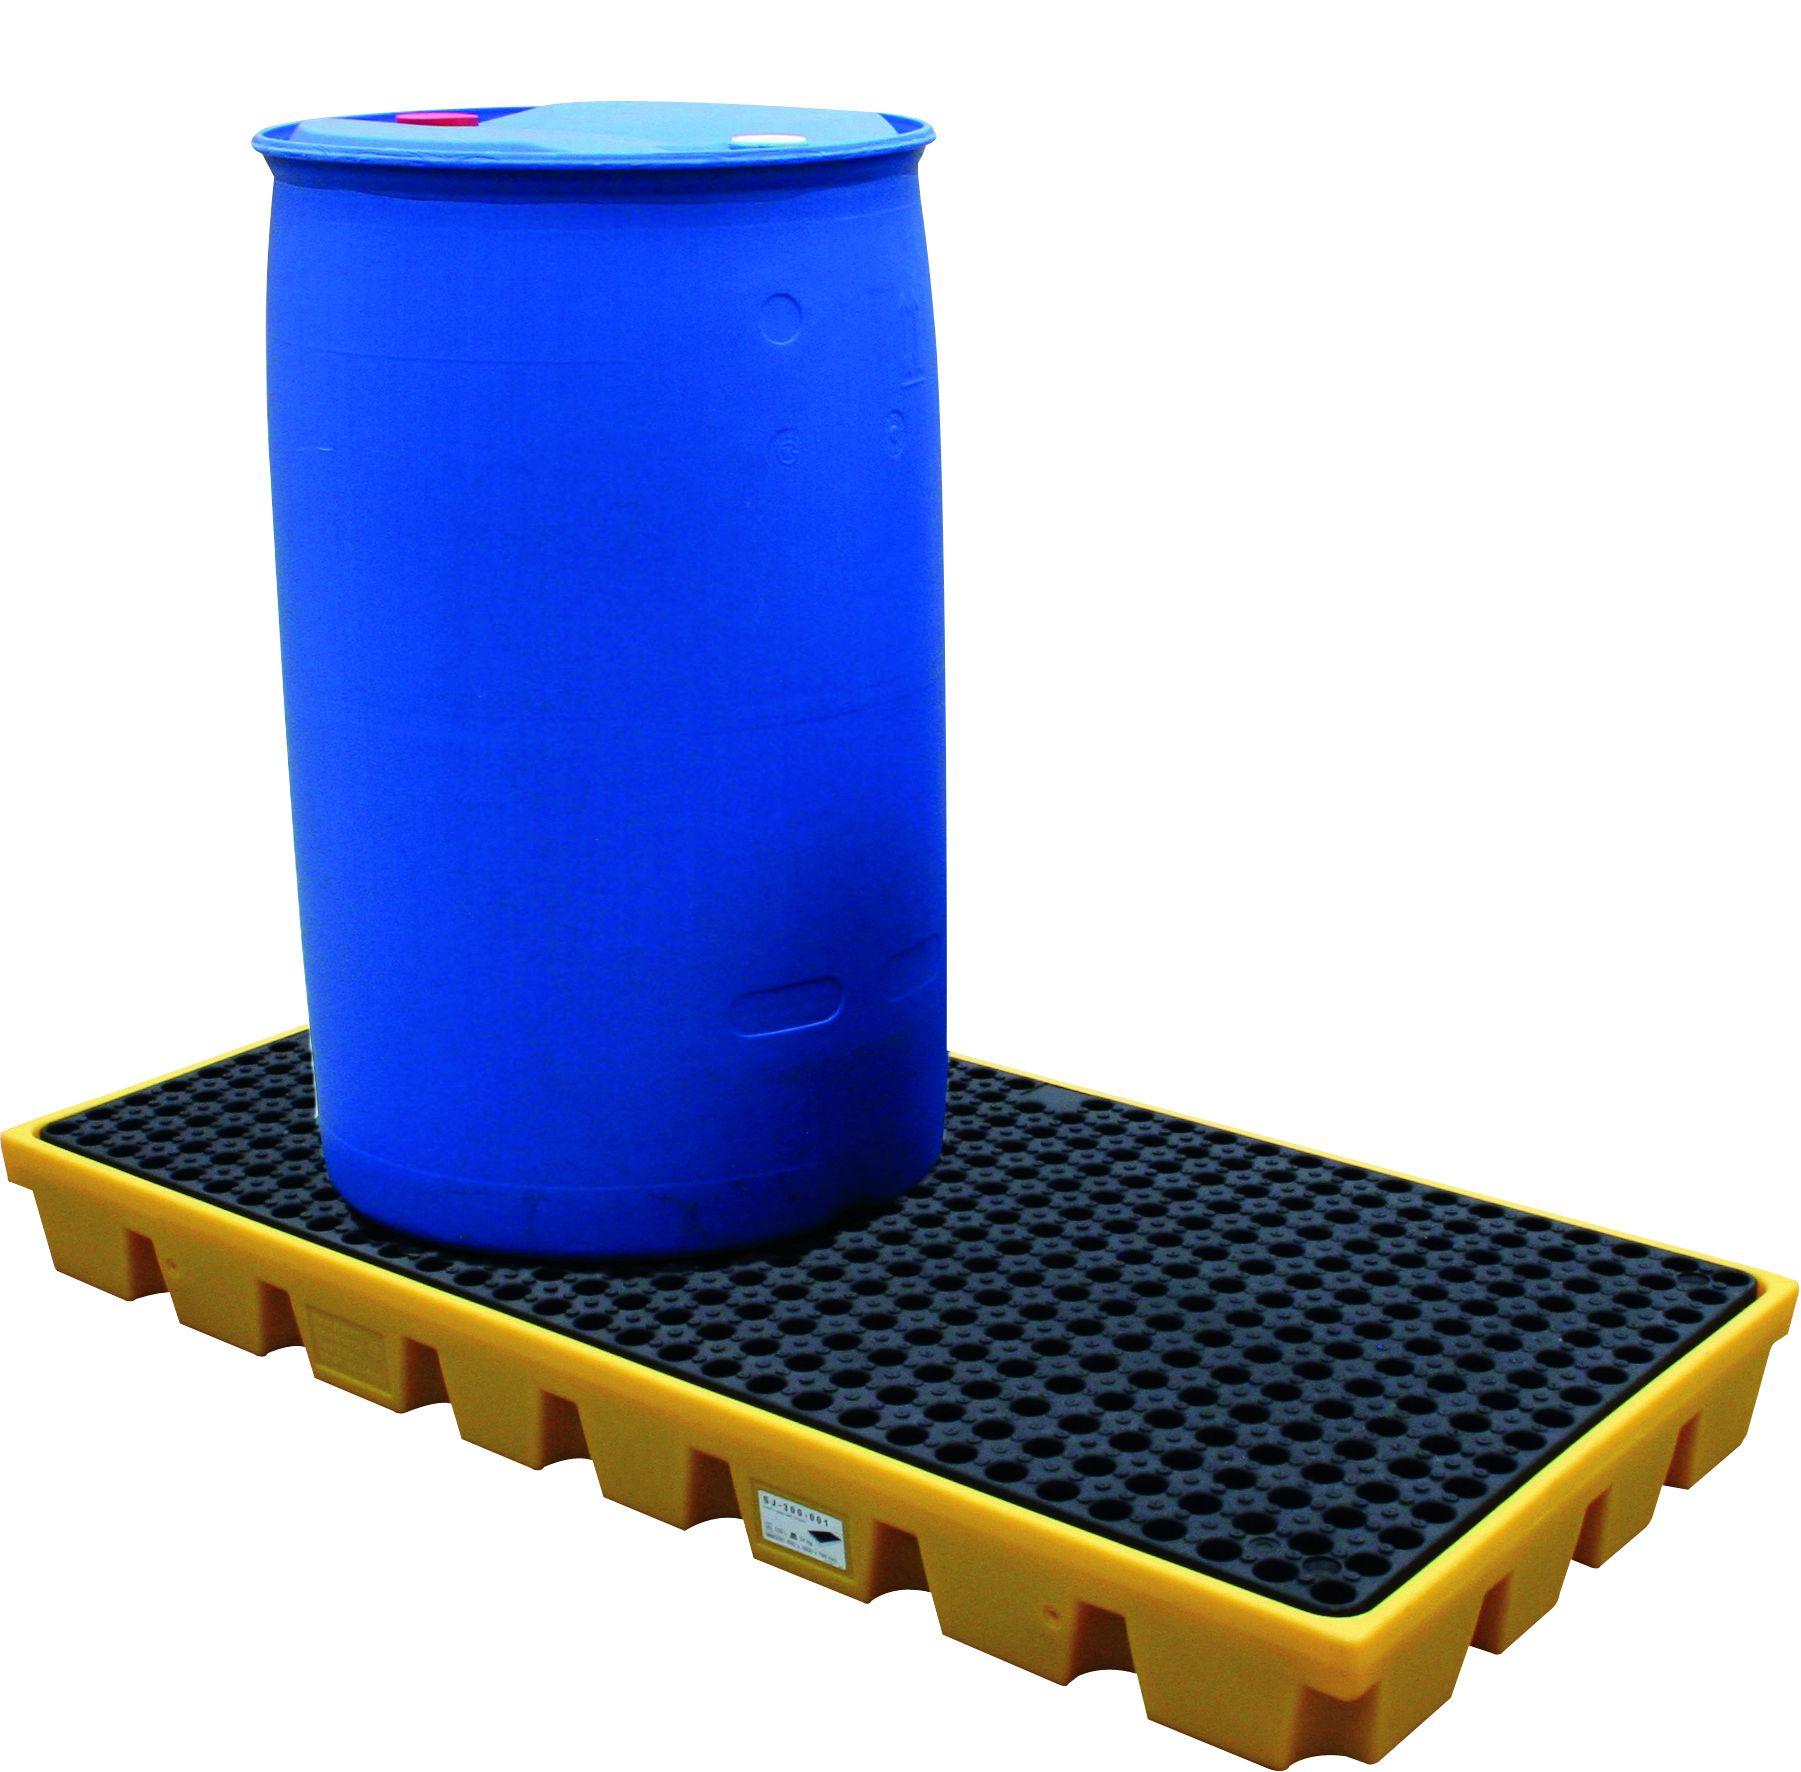 2 Drum Workfloor/Spill Deck